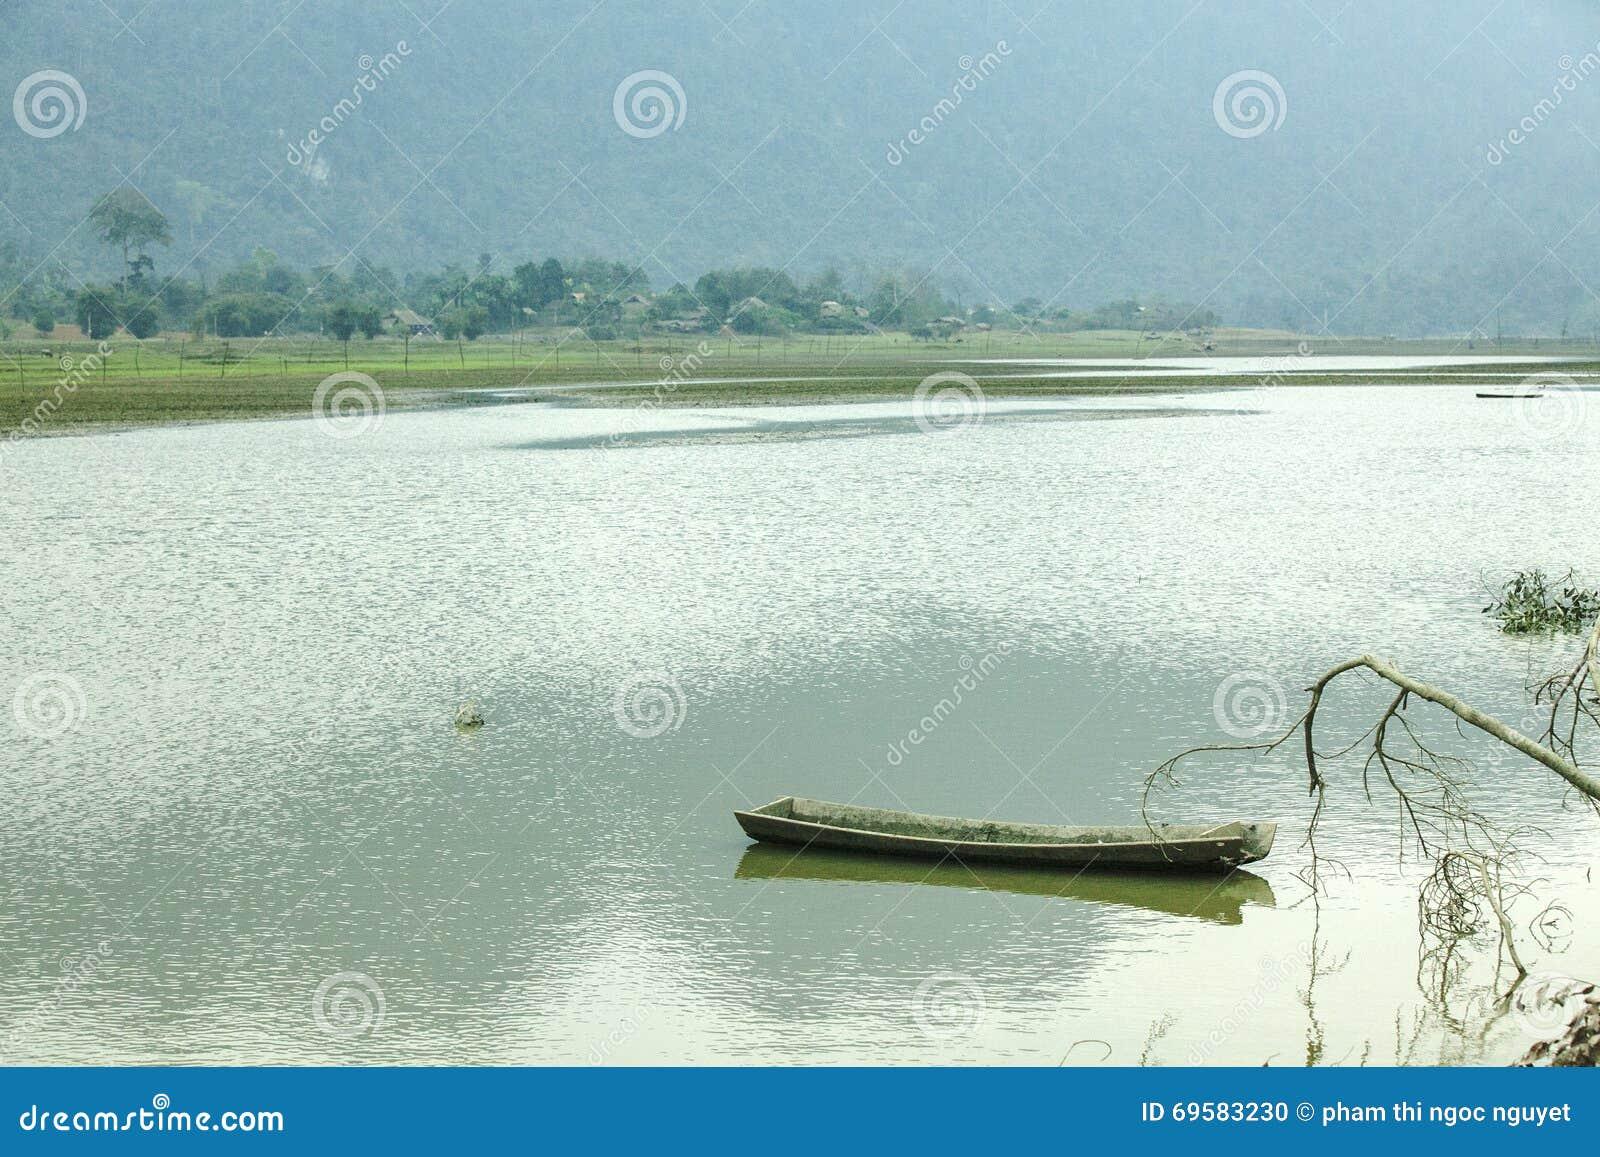 Noong łódź na jeziorze i jezioro